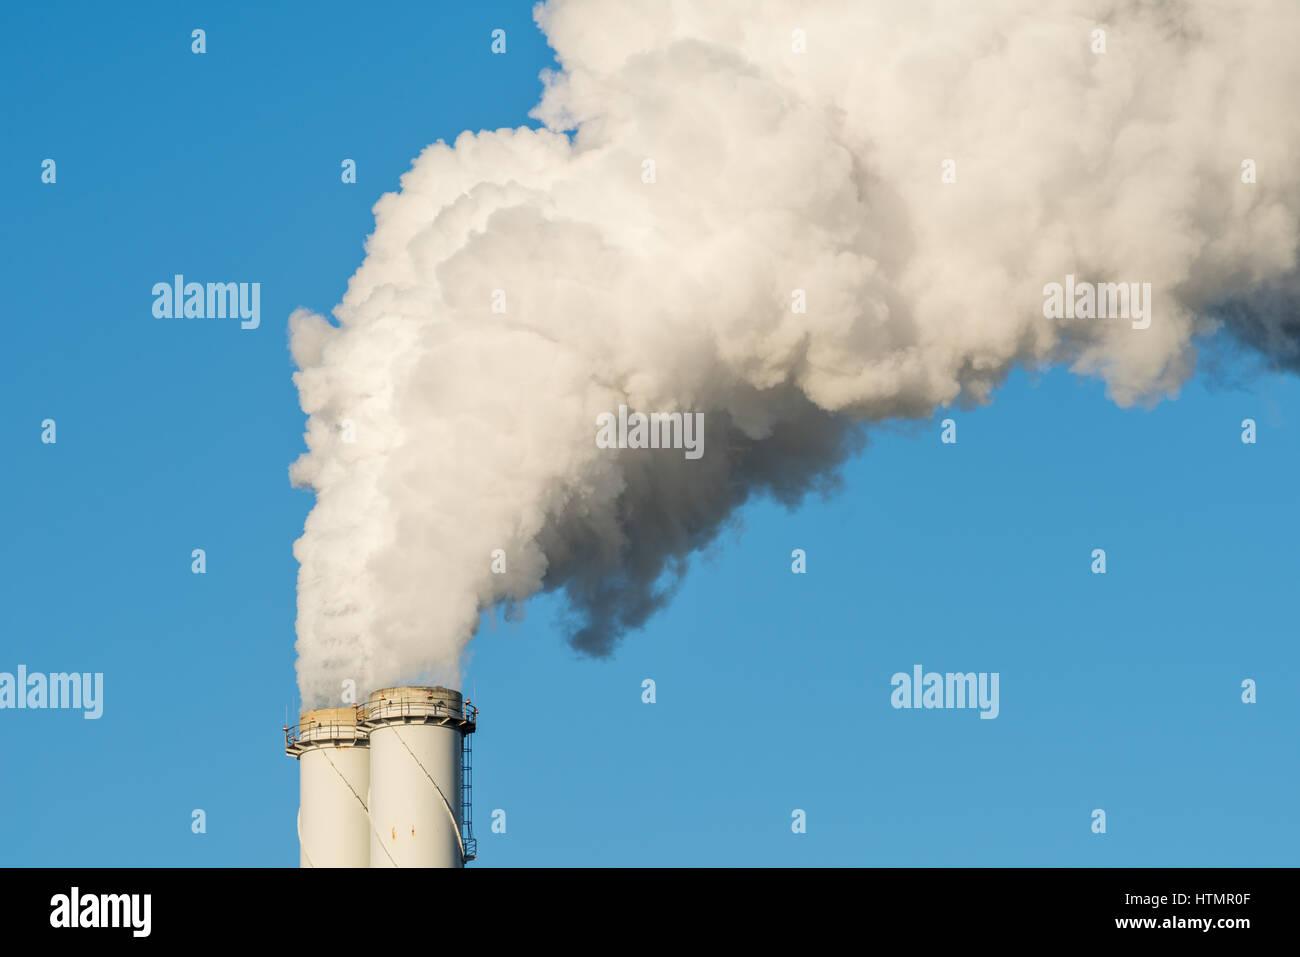 Le tuyau d'une centrale à charbon avec la fumée blanche comme un réchauffement global concept. Photo Stock